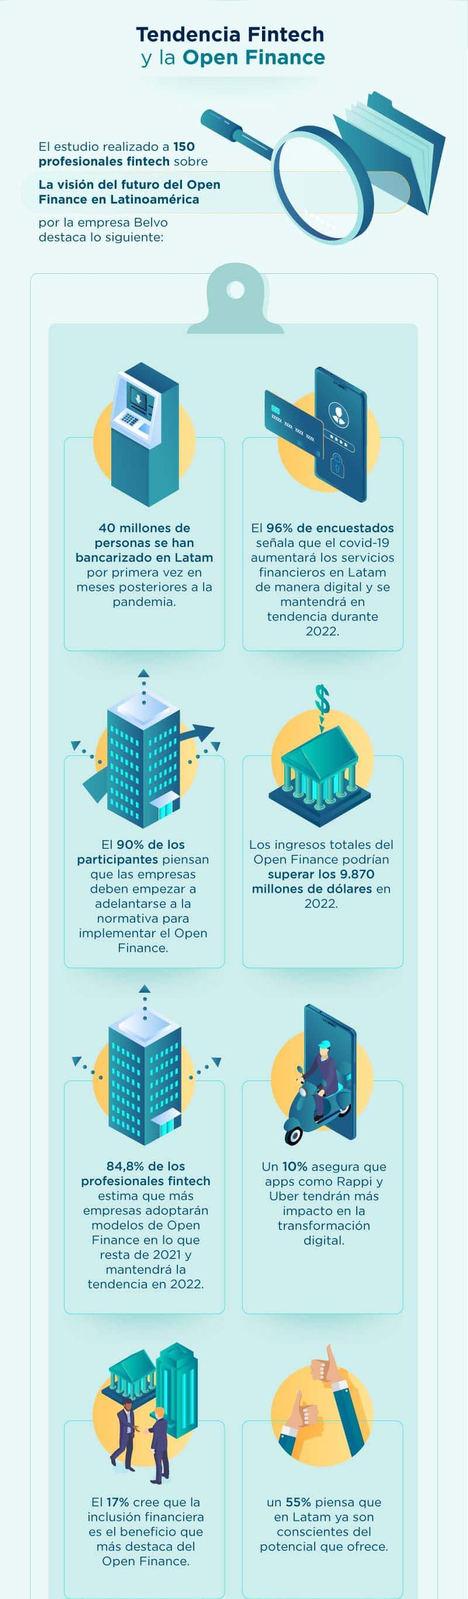 El impacto de la Fintech en la Banca Tradicional y las Tendencias para 2022